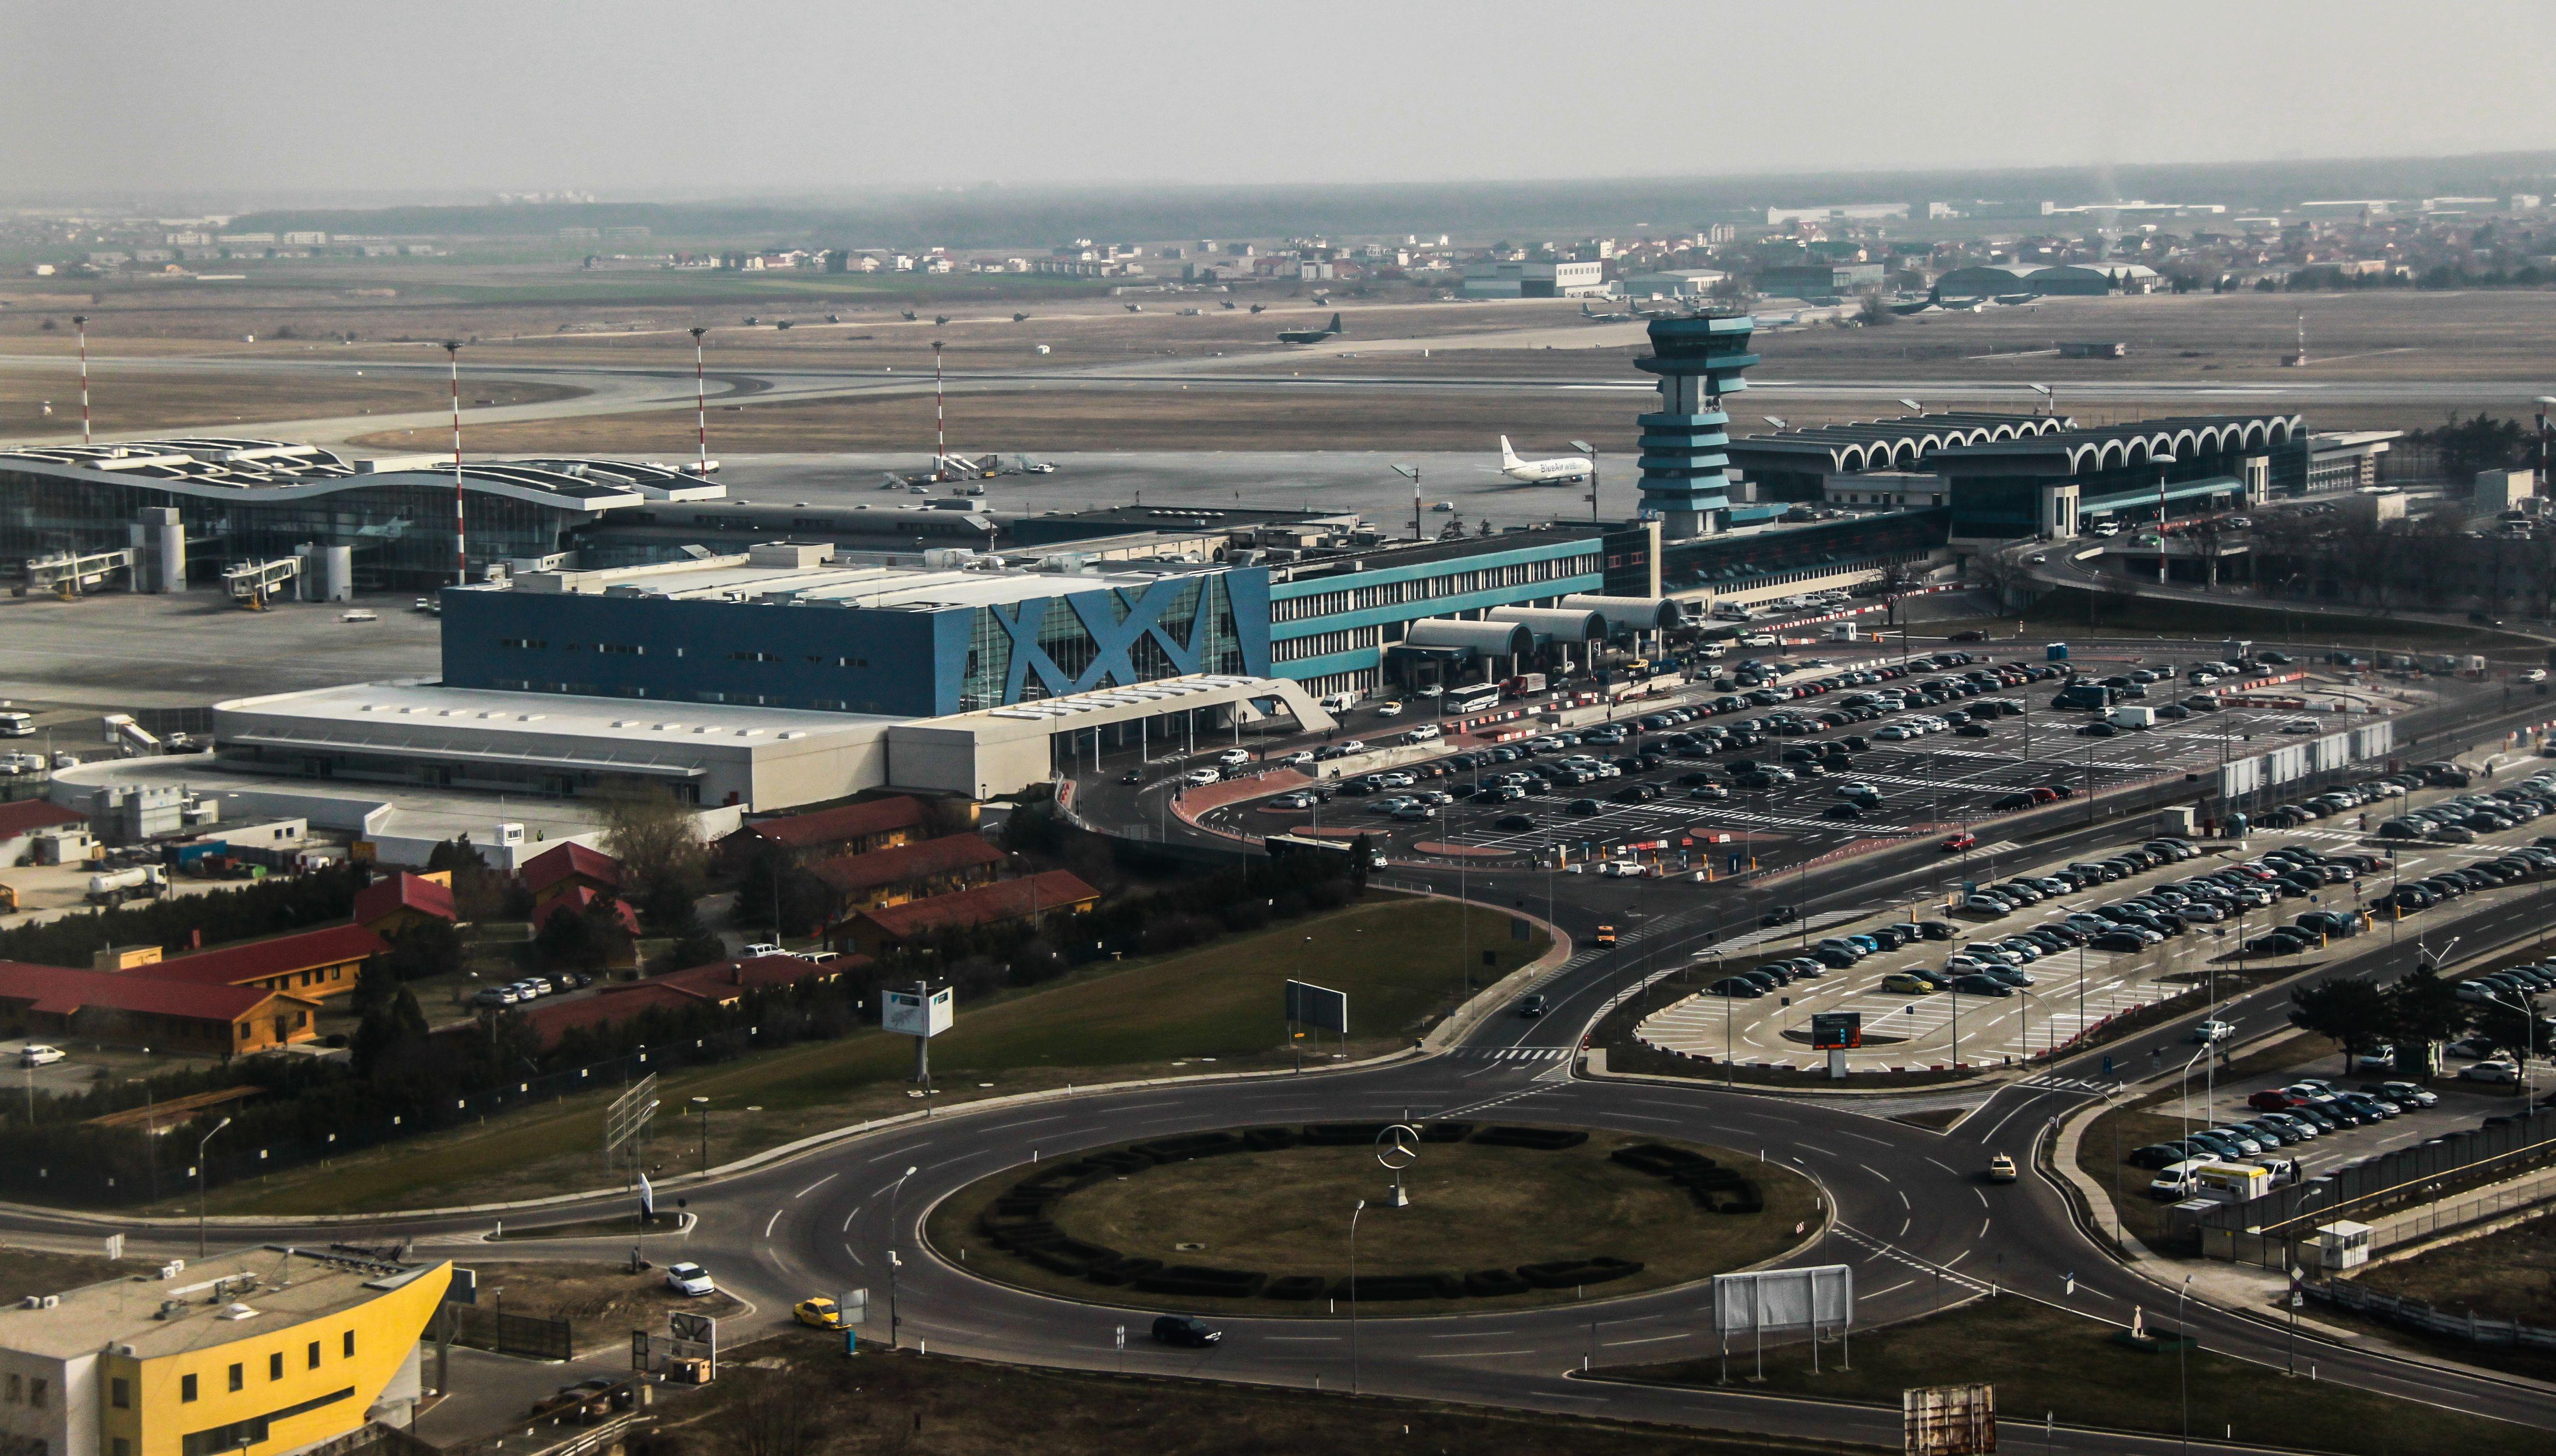 Top 10 cele mai inalte turnuri de control (ATC) din lume